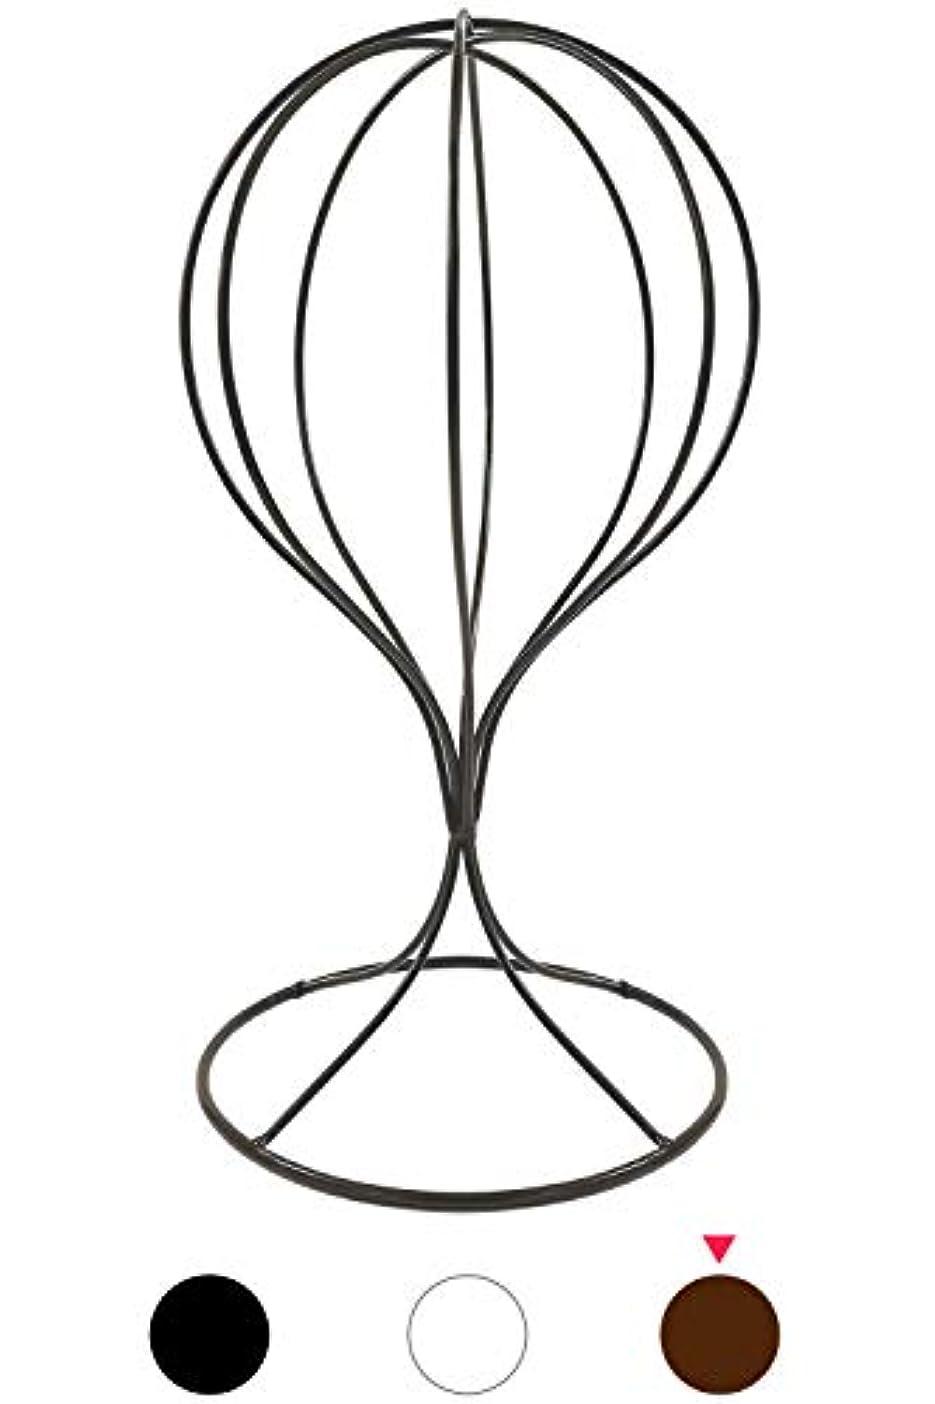 ヘロインマーティンルーサーキングジュニアガイダンス(スリーボックス) 帽子スタンド 帽子掛け トルソー ディスプレイスタンド ウィッグスタンド 通気性 風通し 蒸れ防止 メンズ レディース 写真撮影用 展示用品 (ブロンズ)